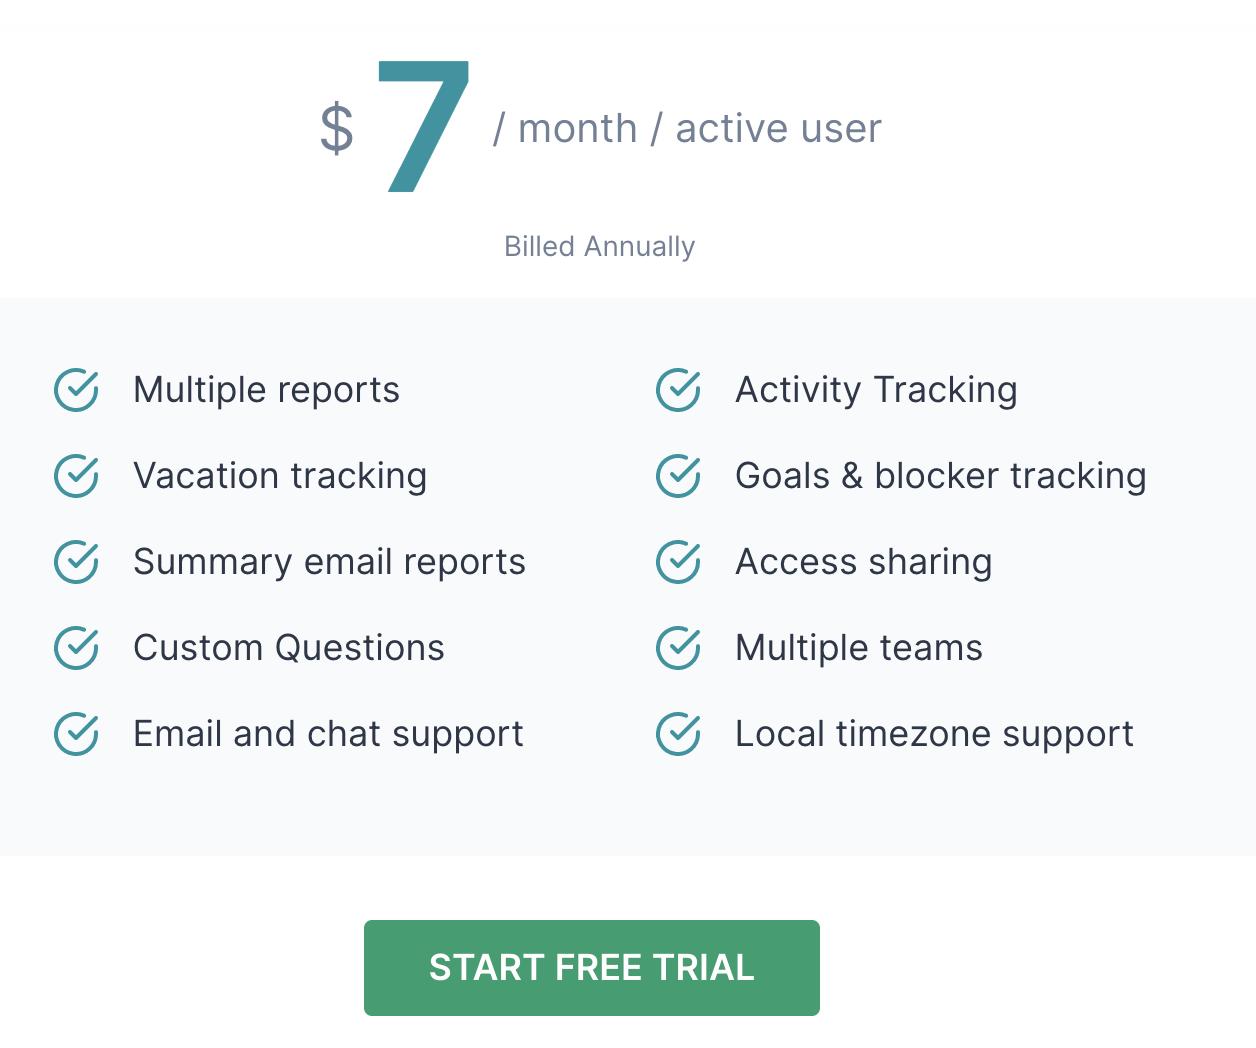 ScrumGenius pricing: $7/month/user